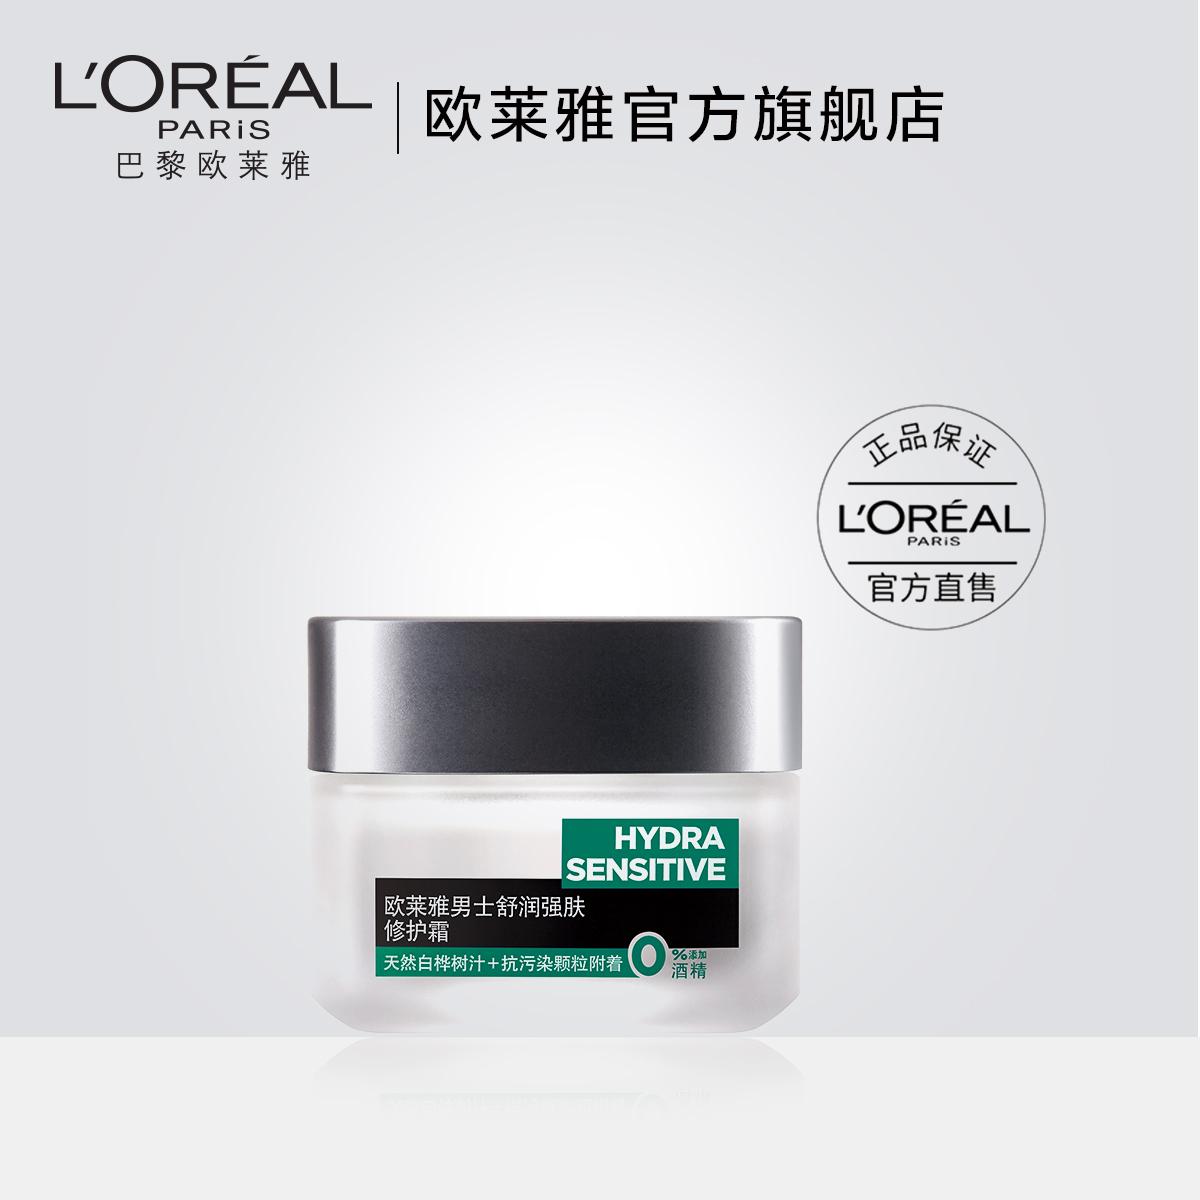 欧莱雅男士舒润强肤修护面霜补水滋润强韧修复调理敏感肌保湿正品